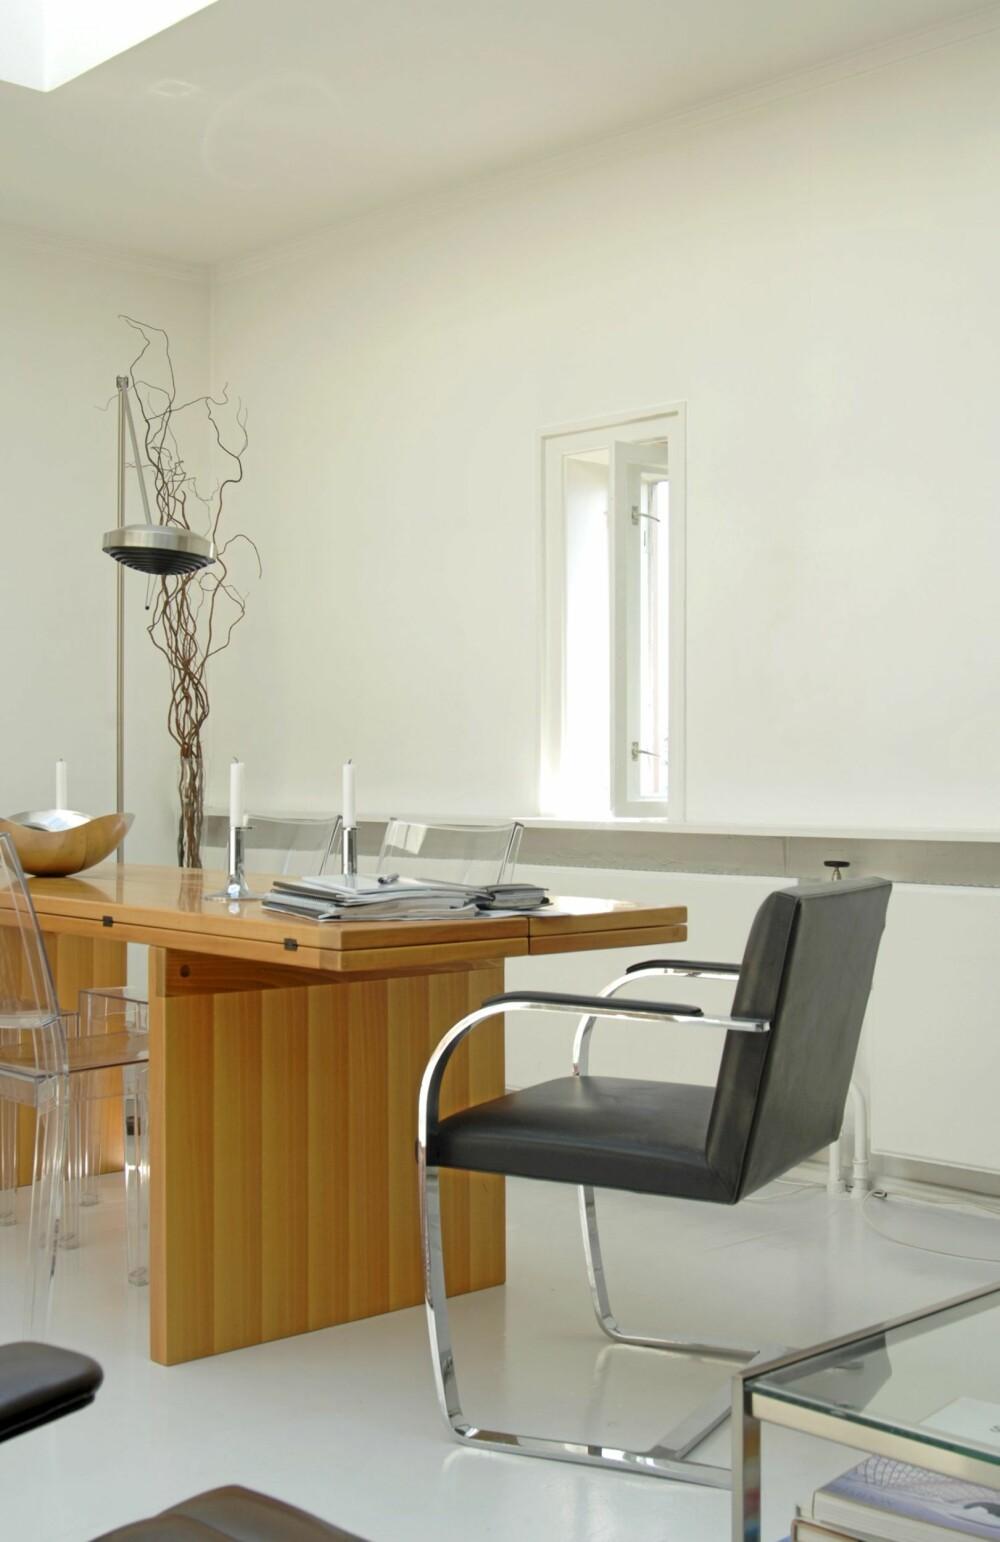 Et LANGBORD OMGITT AV KULE STOLER: Ved enden av Cassina-bordet i ask står Mies van der Rohes Brno-stol i skinn og stålrør. Den ble tegnet i 1930 og utrykker hans ønske om ekstrem estetisk klarhet og funksjonalitet.